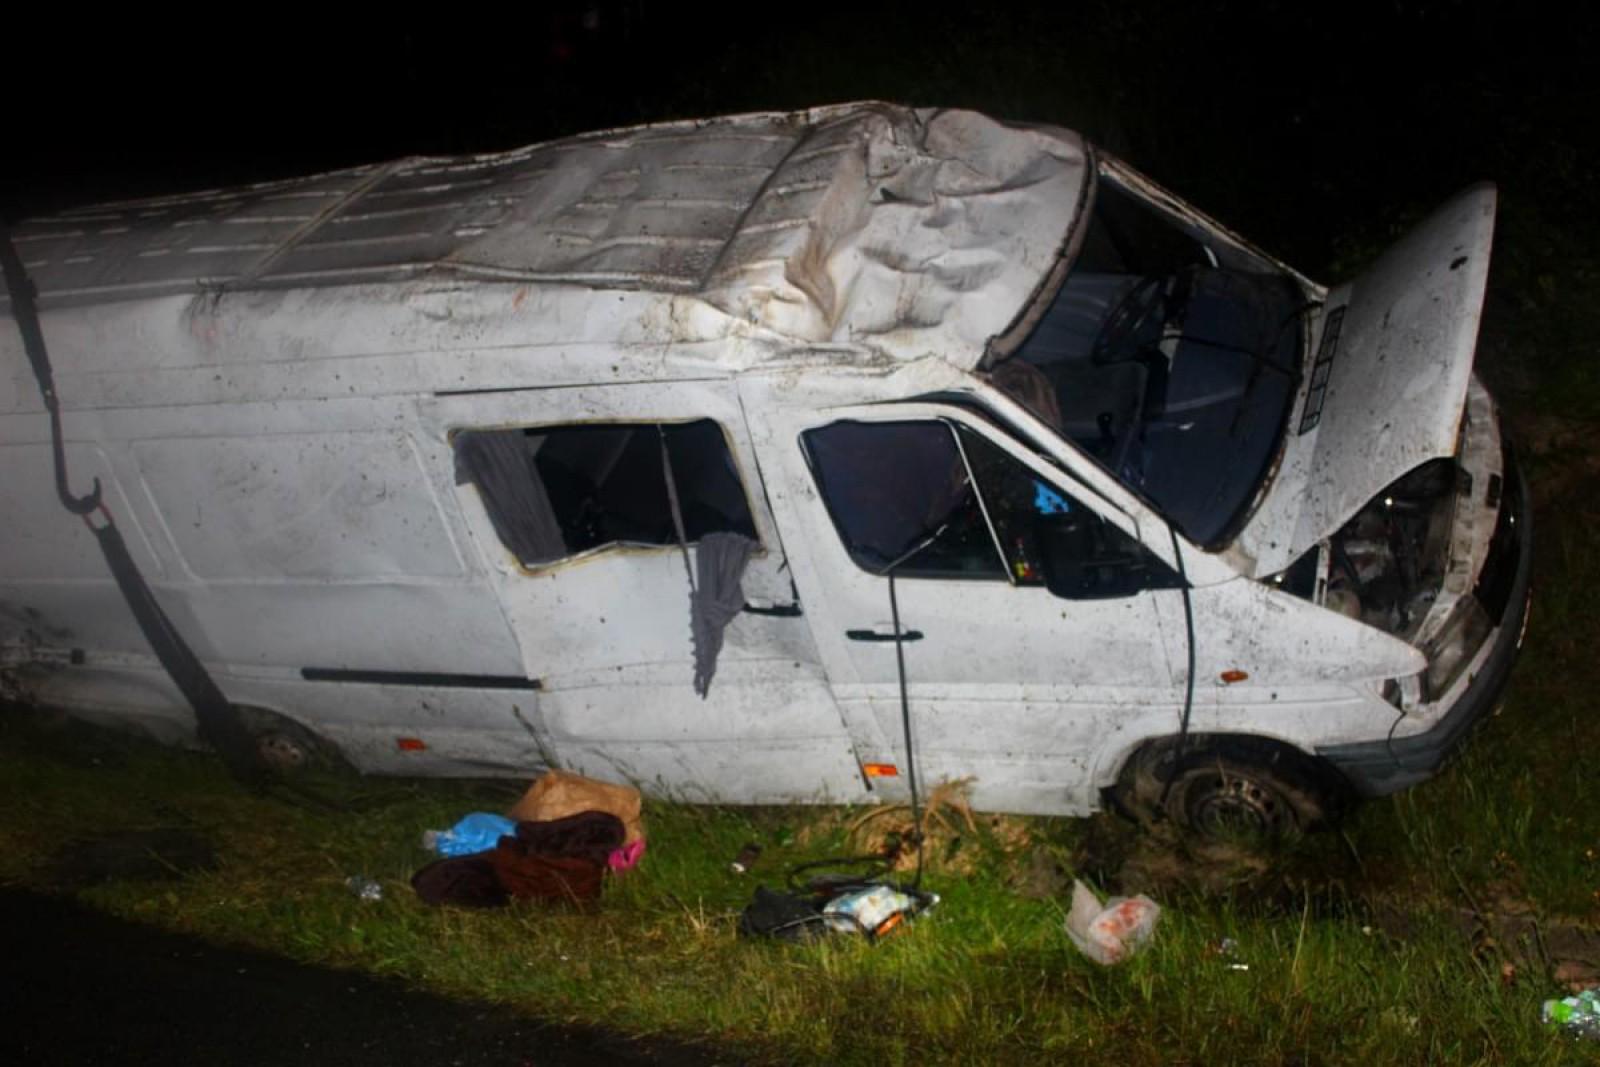 (foto/video) Accident în Cehia cu implicarea unui microbuz cu moldoveni: Opt conaționali, spitalizați